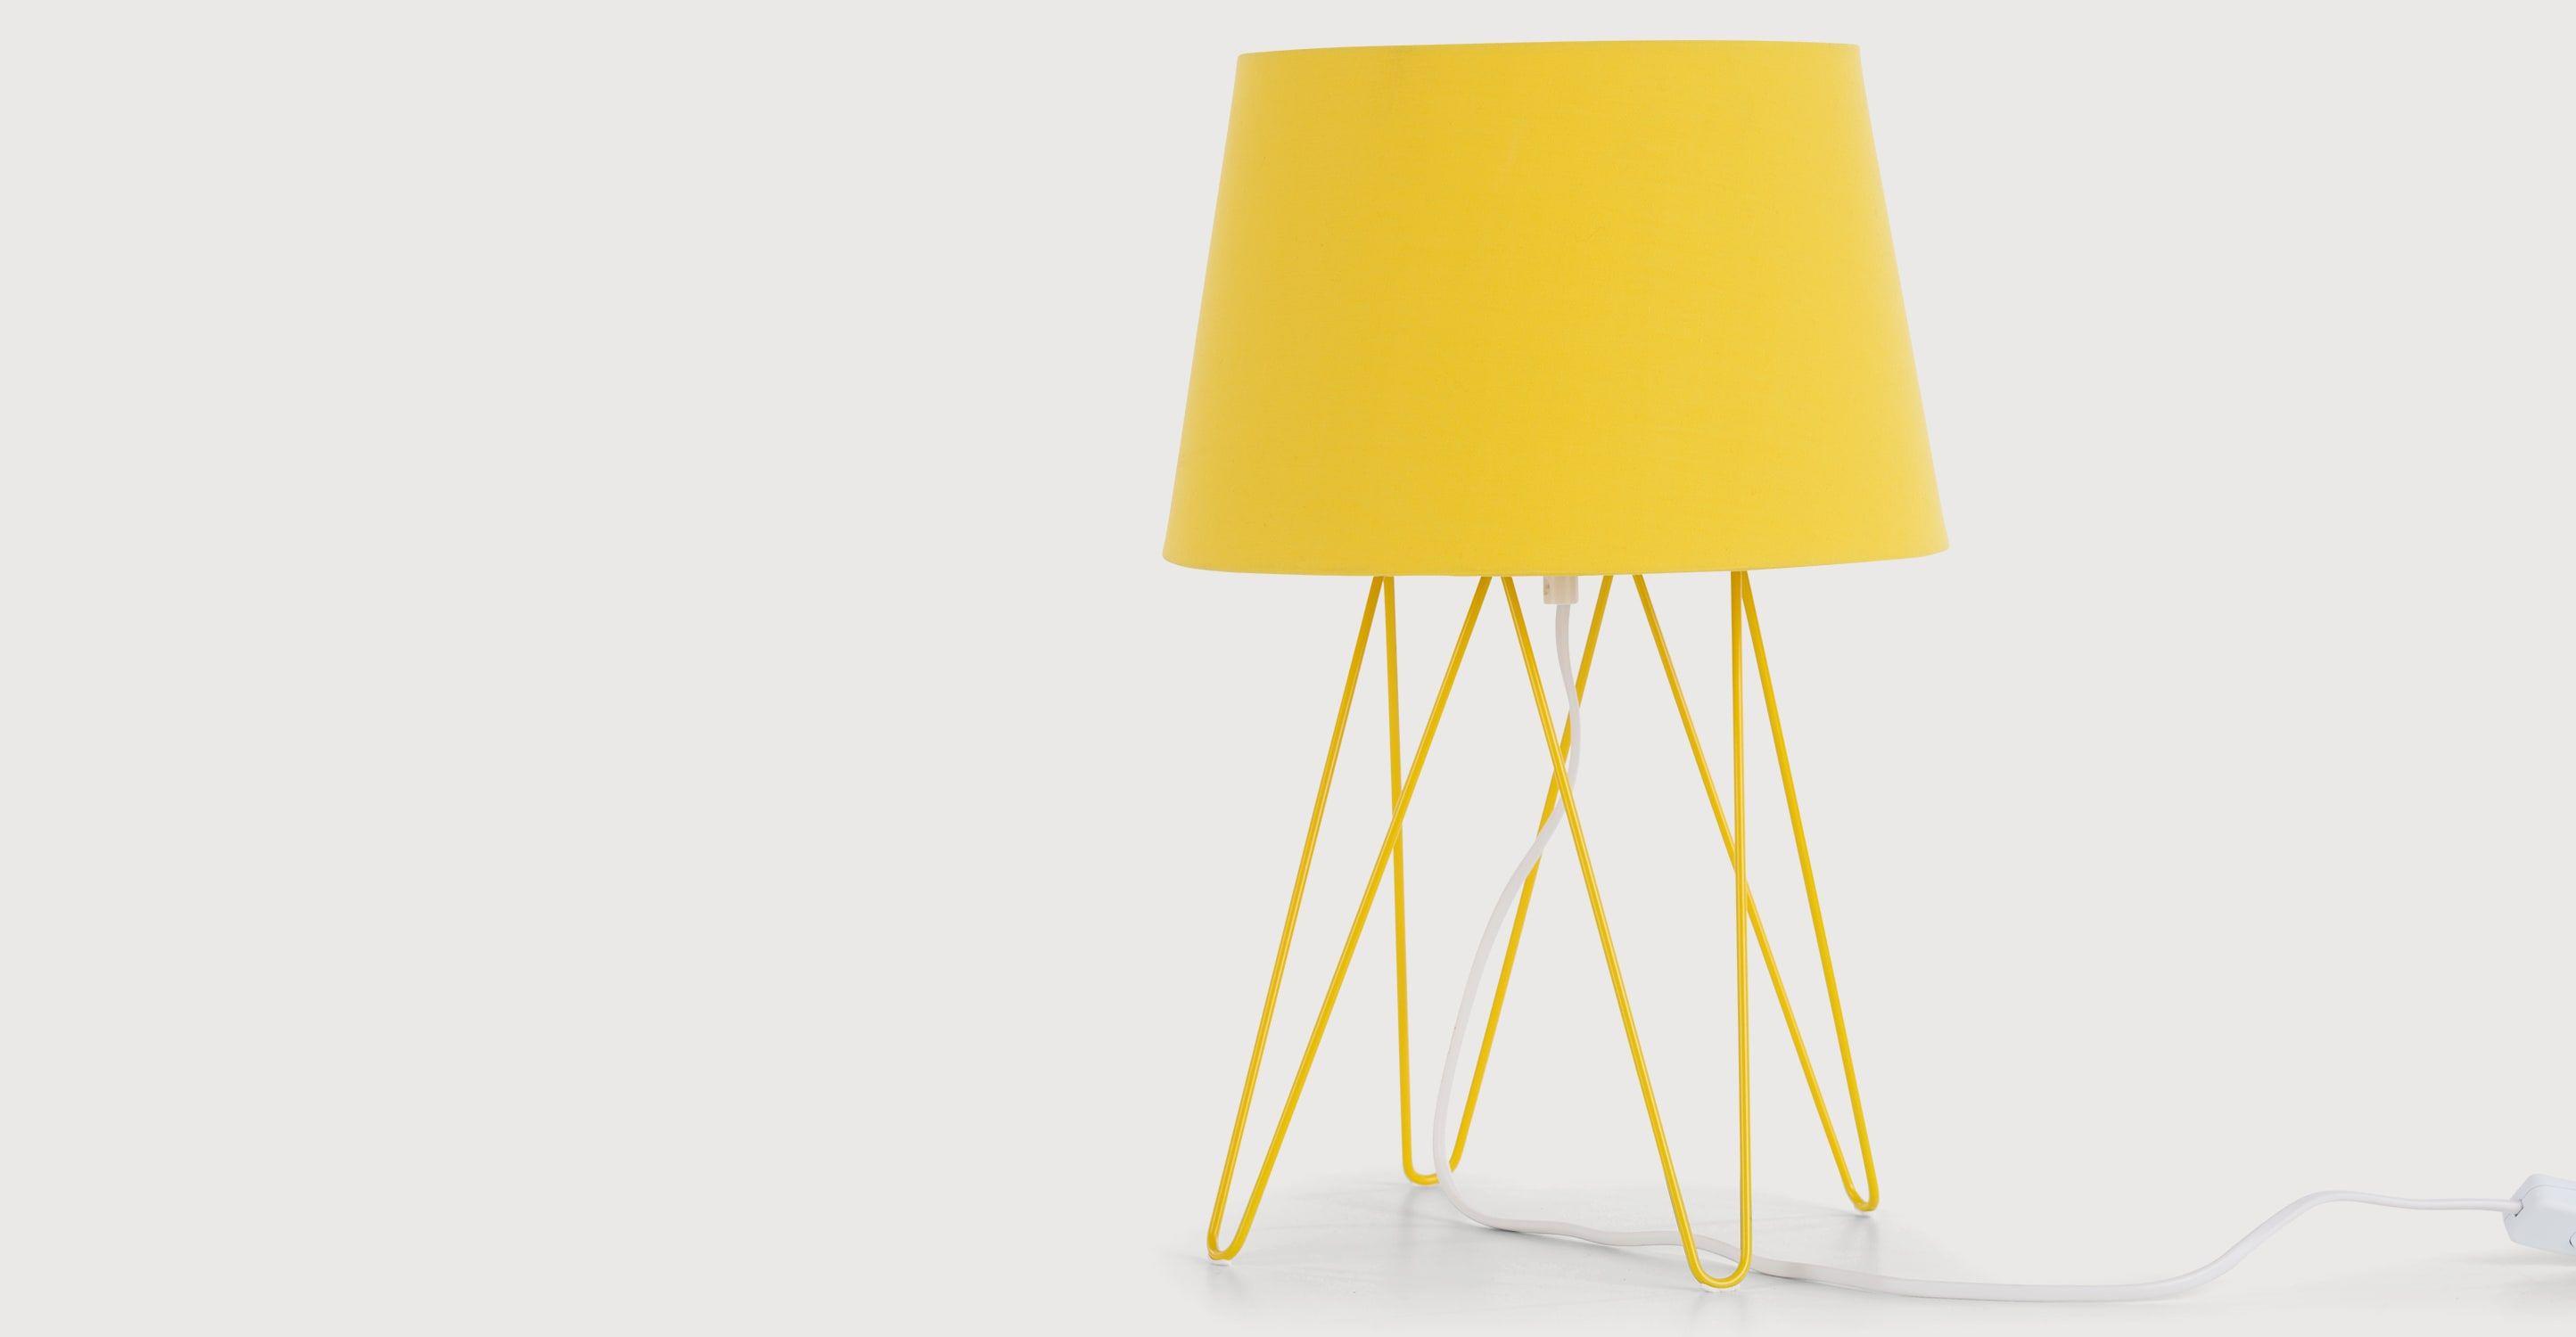 Badezimmer ideen gelb und grau gelb tischleuchte  gelbtischlampe u trends im möbelstil gesehen